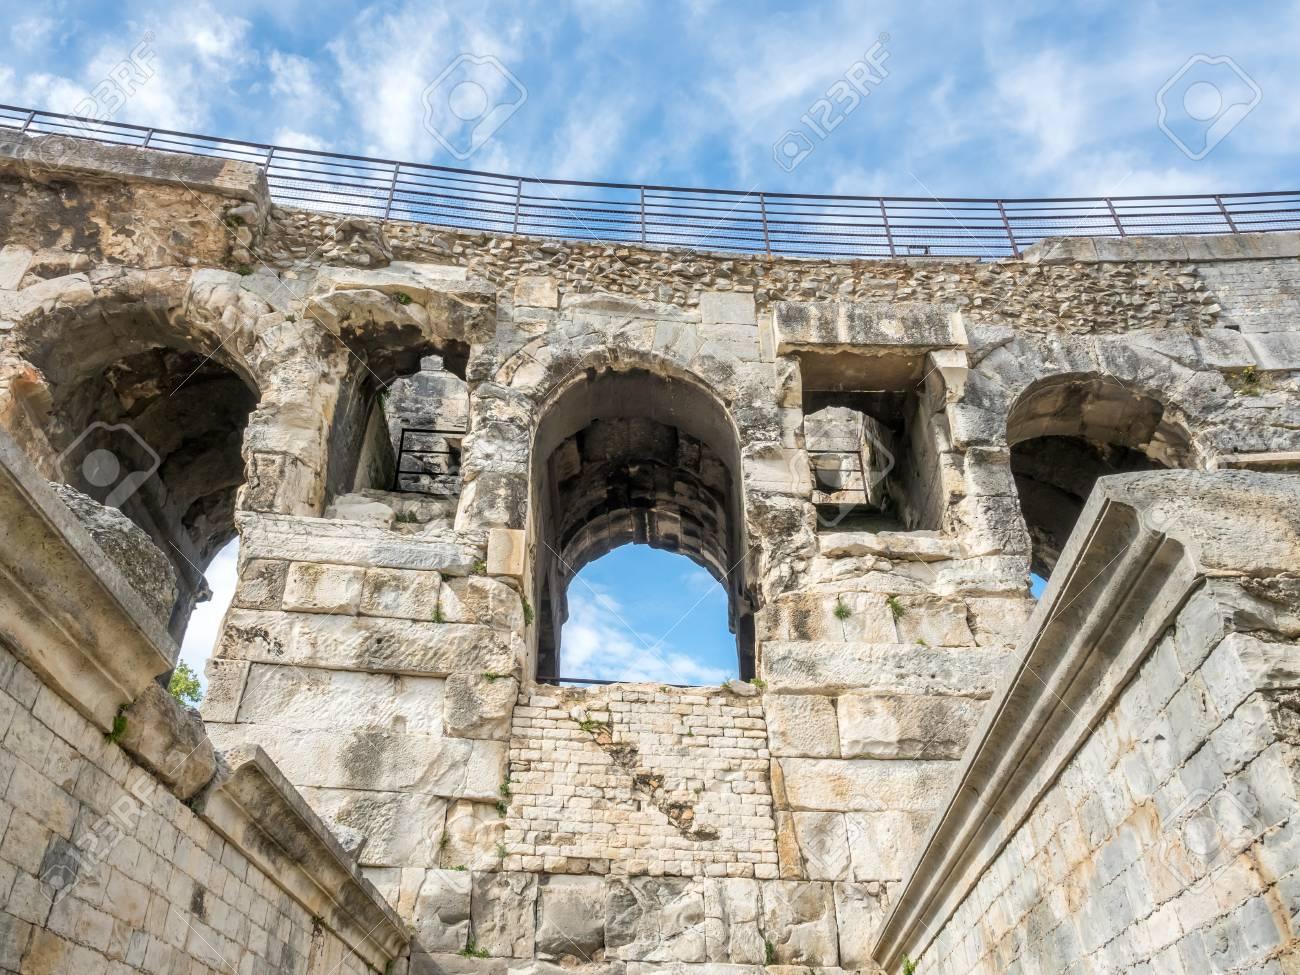 architecture d'intérieur de l'arène de nîmes, ancien amphithéâtre